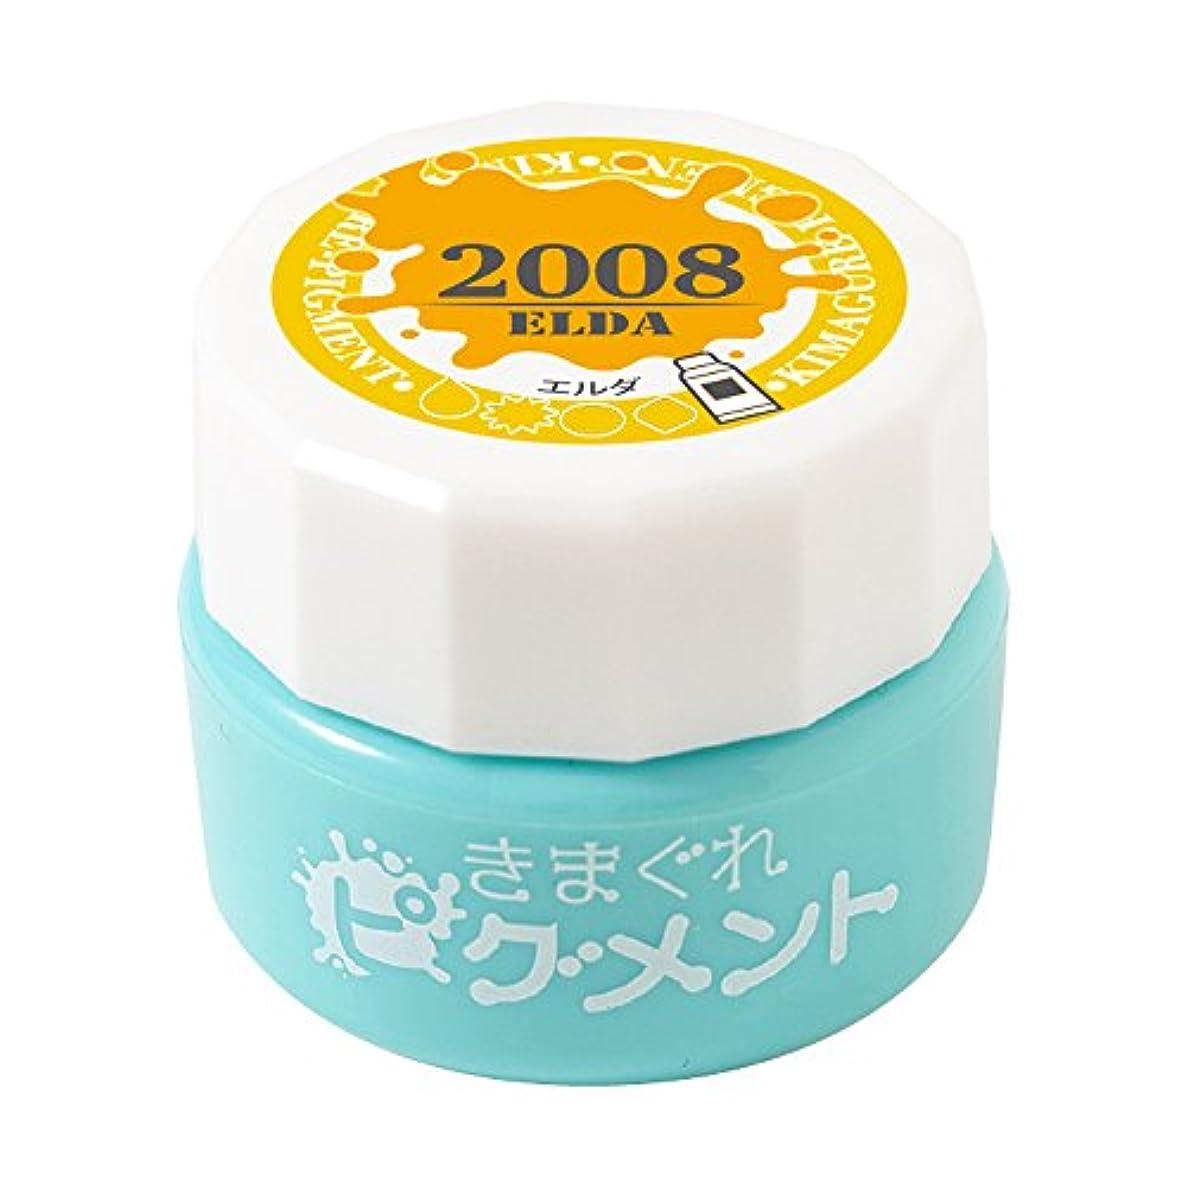 ペルソナ謝罪毛布Bettygel きまぐれピグメント エルダ QYJ-2008 4g UV/LED対応